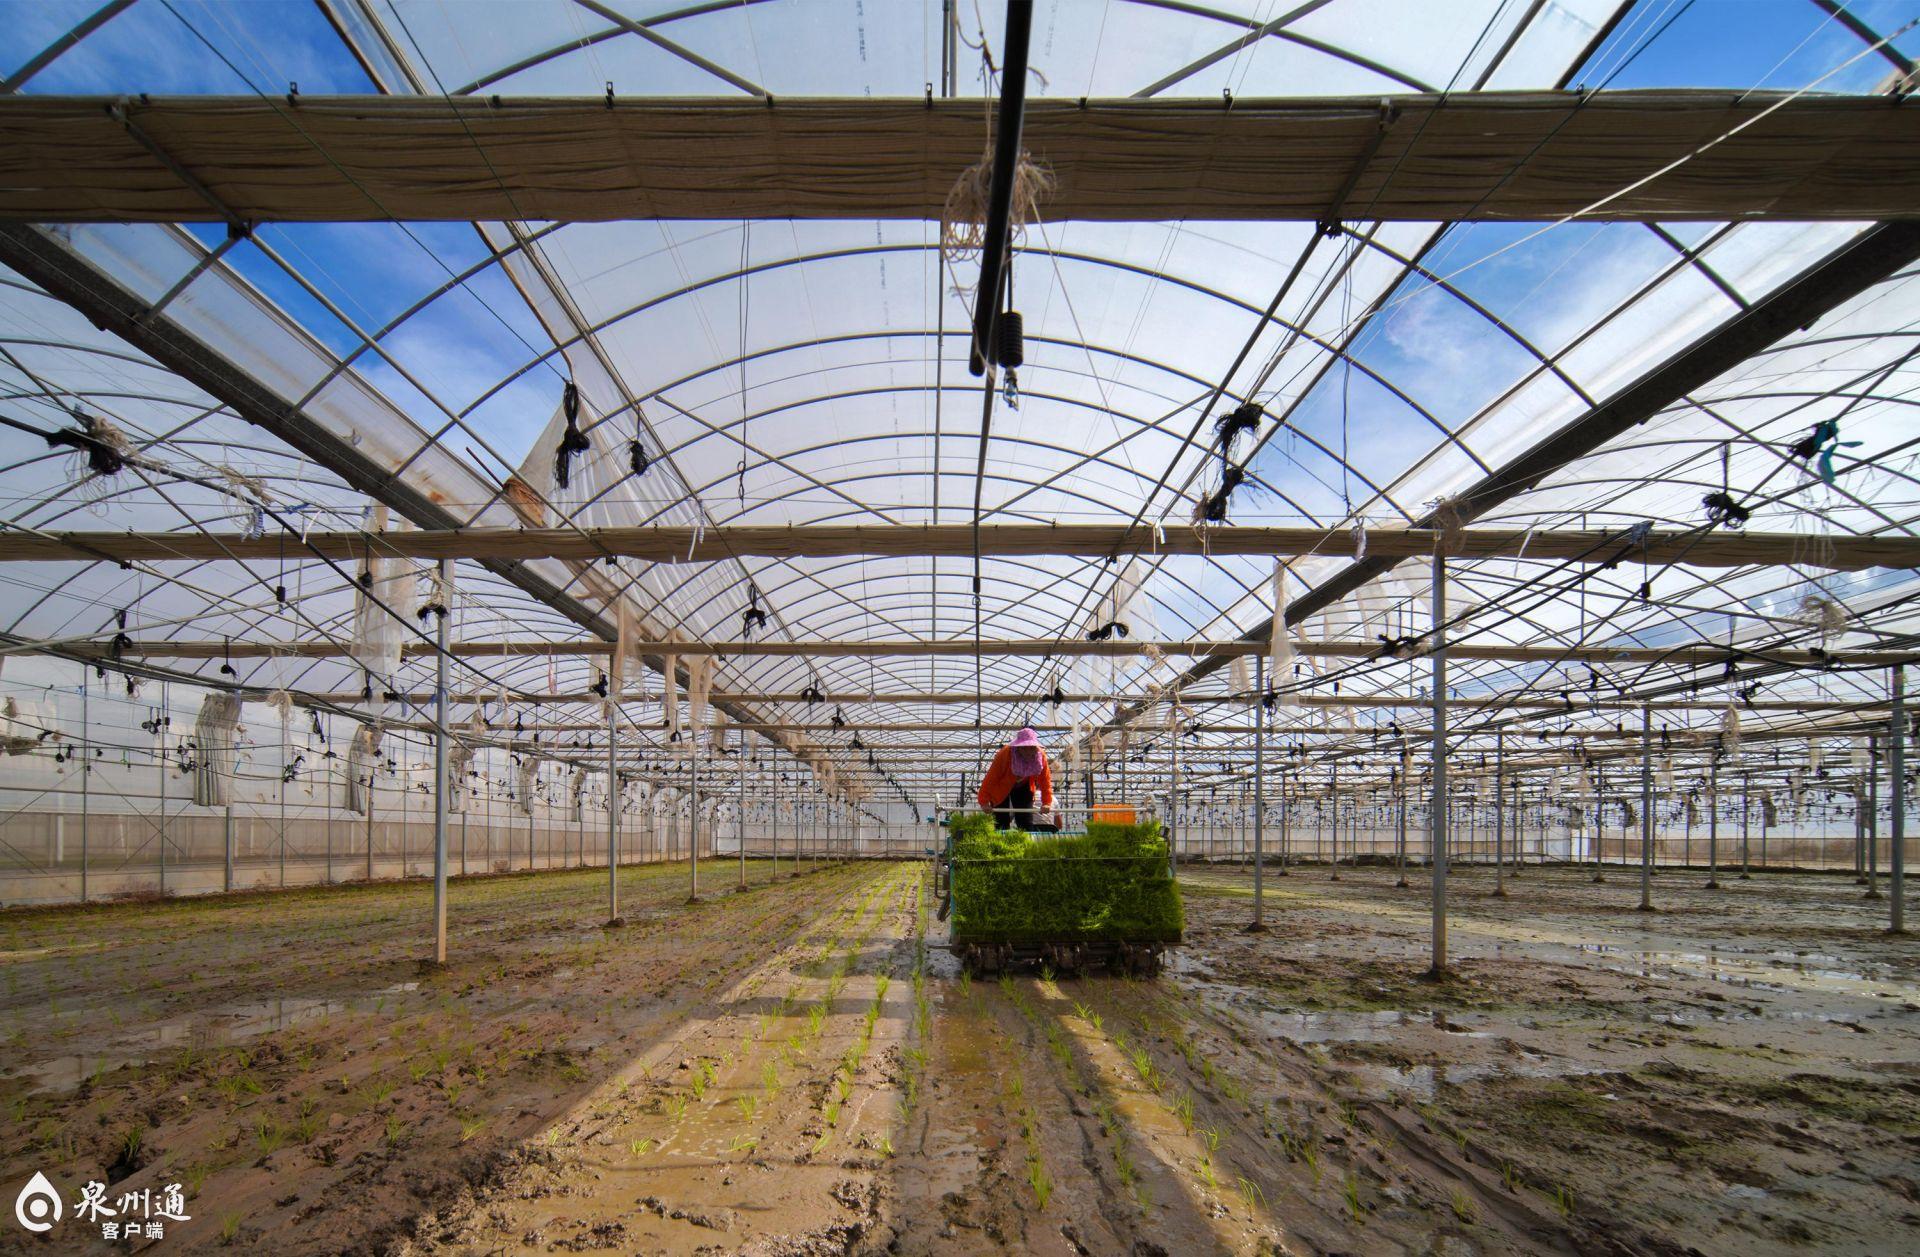 晋江:探索水旱轮作栽培模式促土壤改良